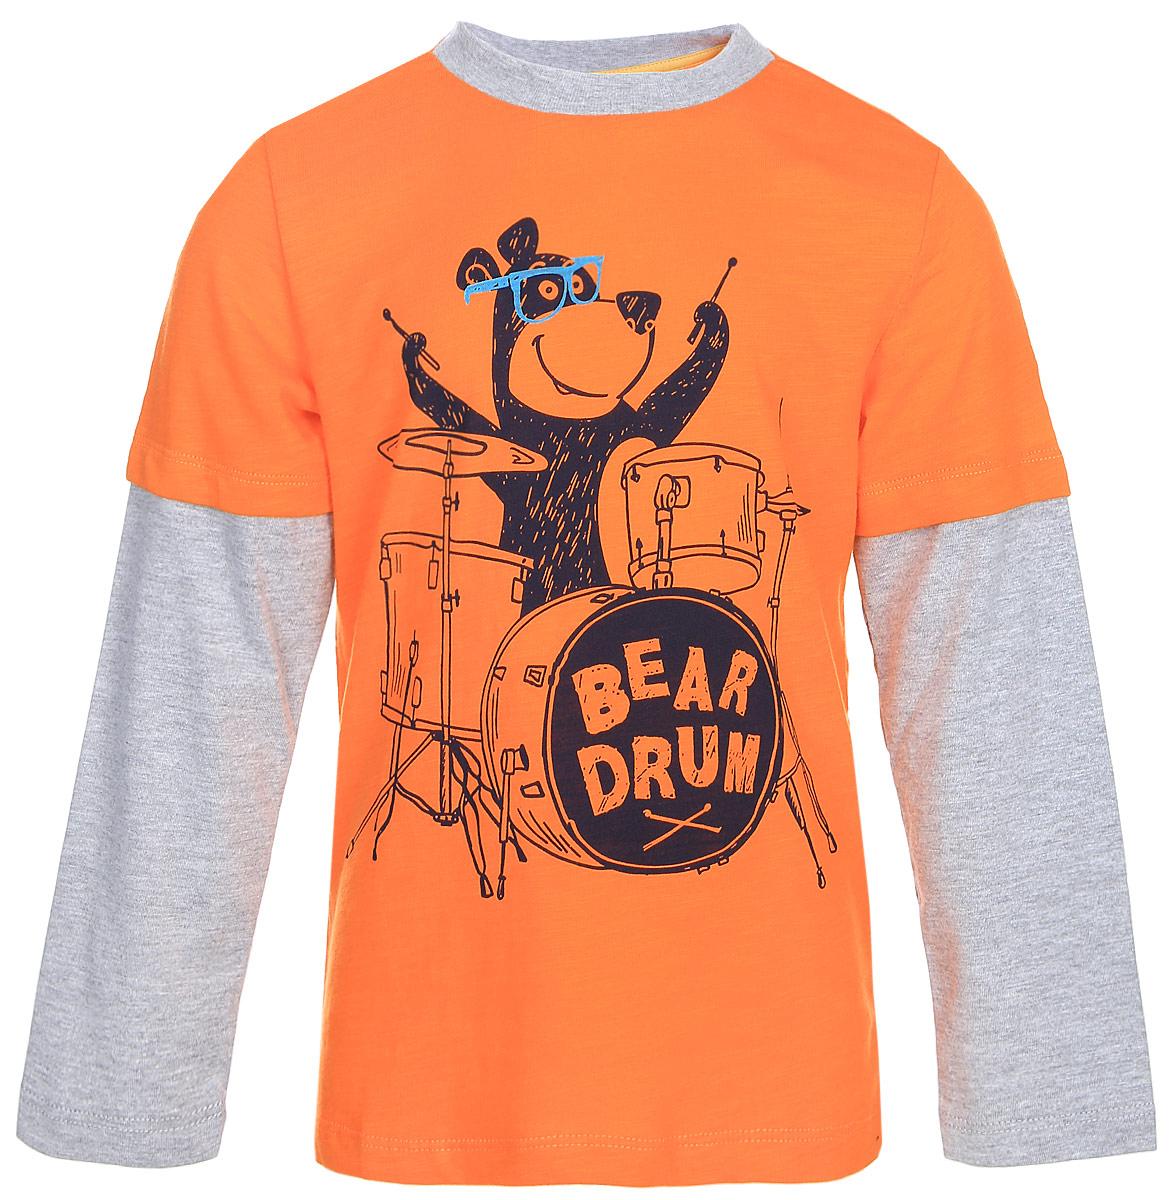 Футболка с длинным рукавом для мальчика Sela, цвет: оранжевый. T-711/222-7310. Размер 110, 5 летT-711/222-7310Футболка для мальчика Sela выполнена из трикотажного материала и оформлен оригинальным принтом. Модель с круглым вырезом горловины и длинными рукавами.